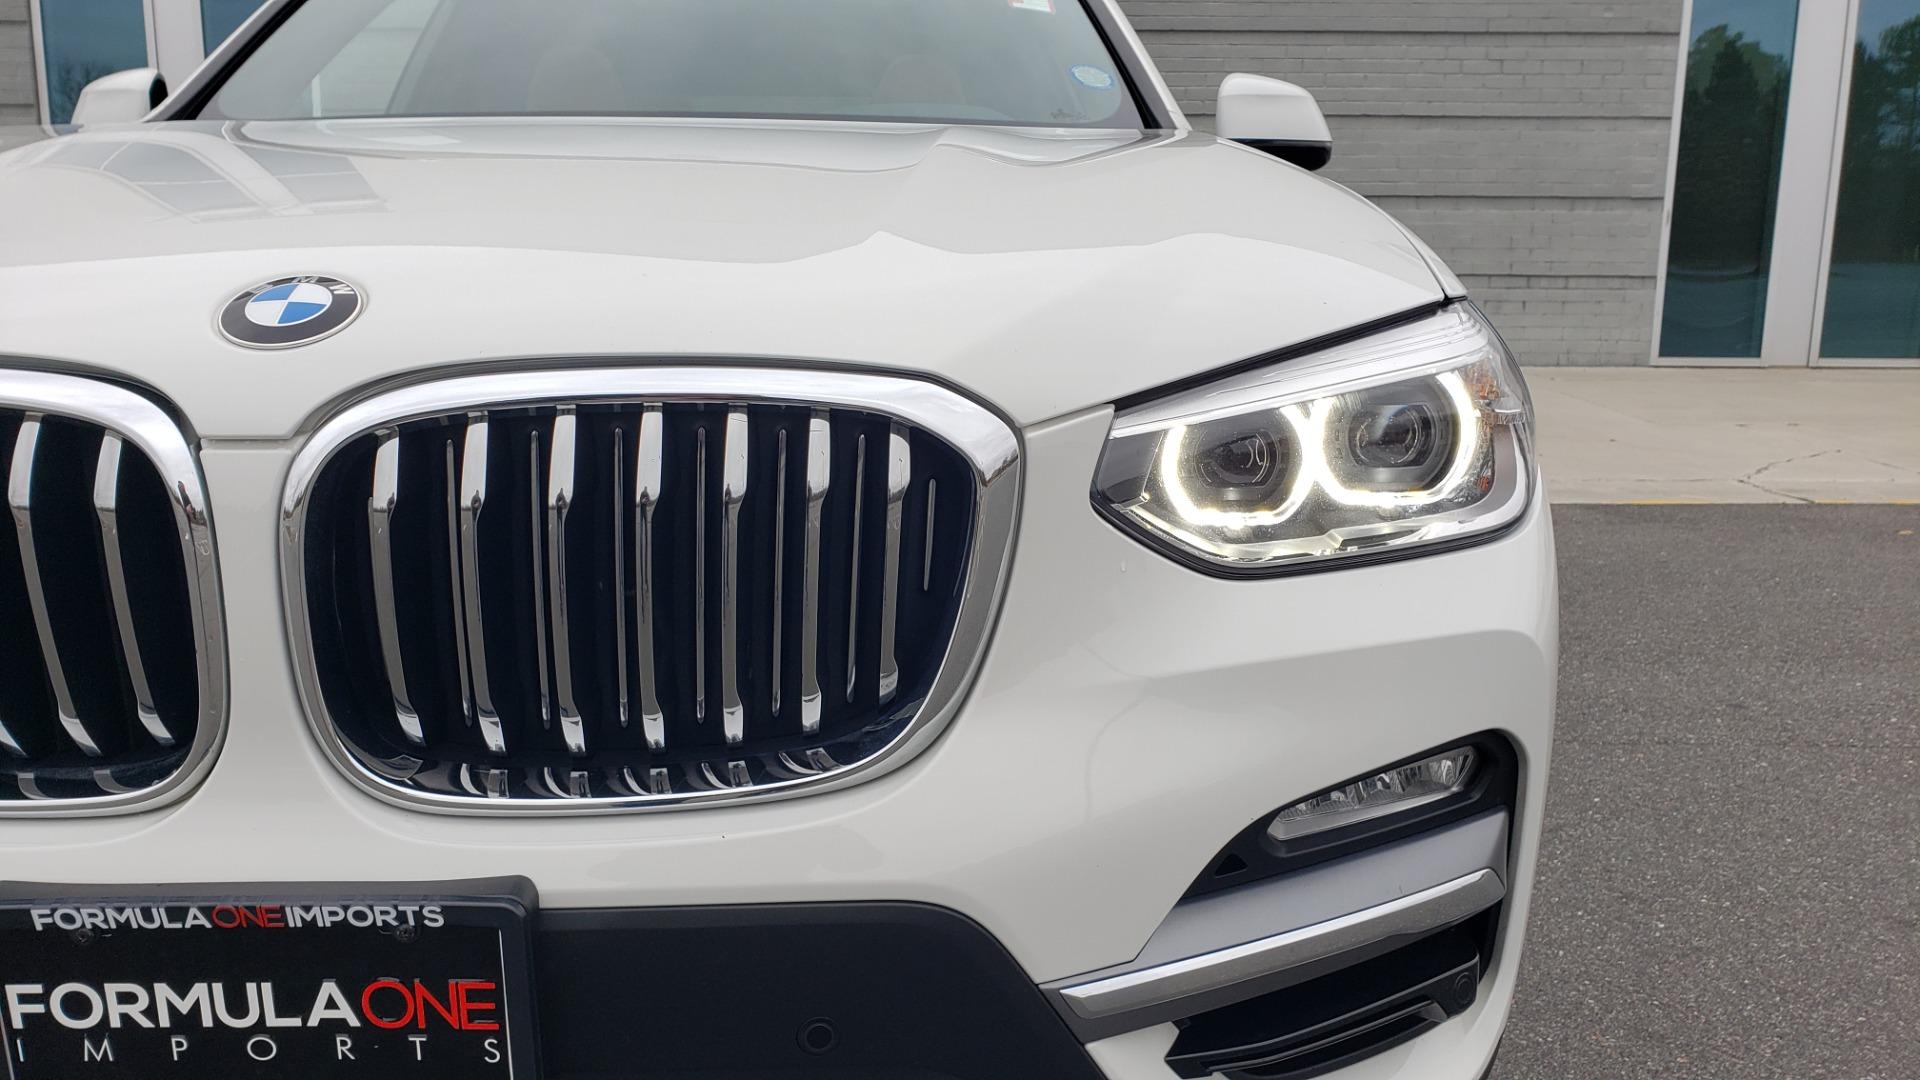 Used 2018 BMW X3 XDRIVE30I / LUX PKG / PREM PKG / CONV PKG / PDC / APPLE CARPLAY for sale Sold at Formula Imports in Charlotte NC 28227 24